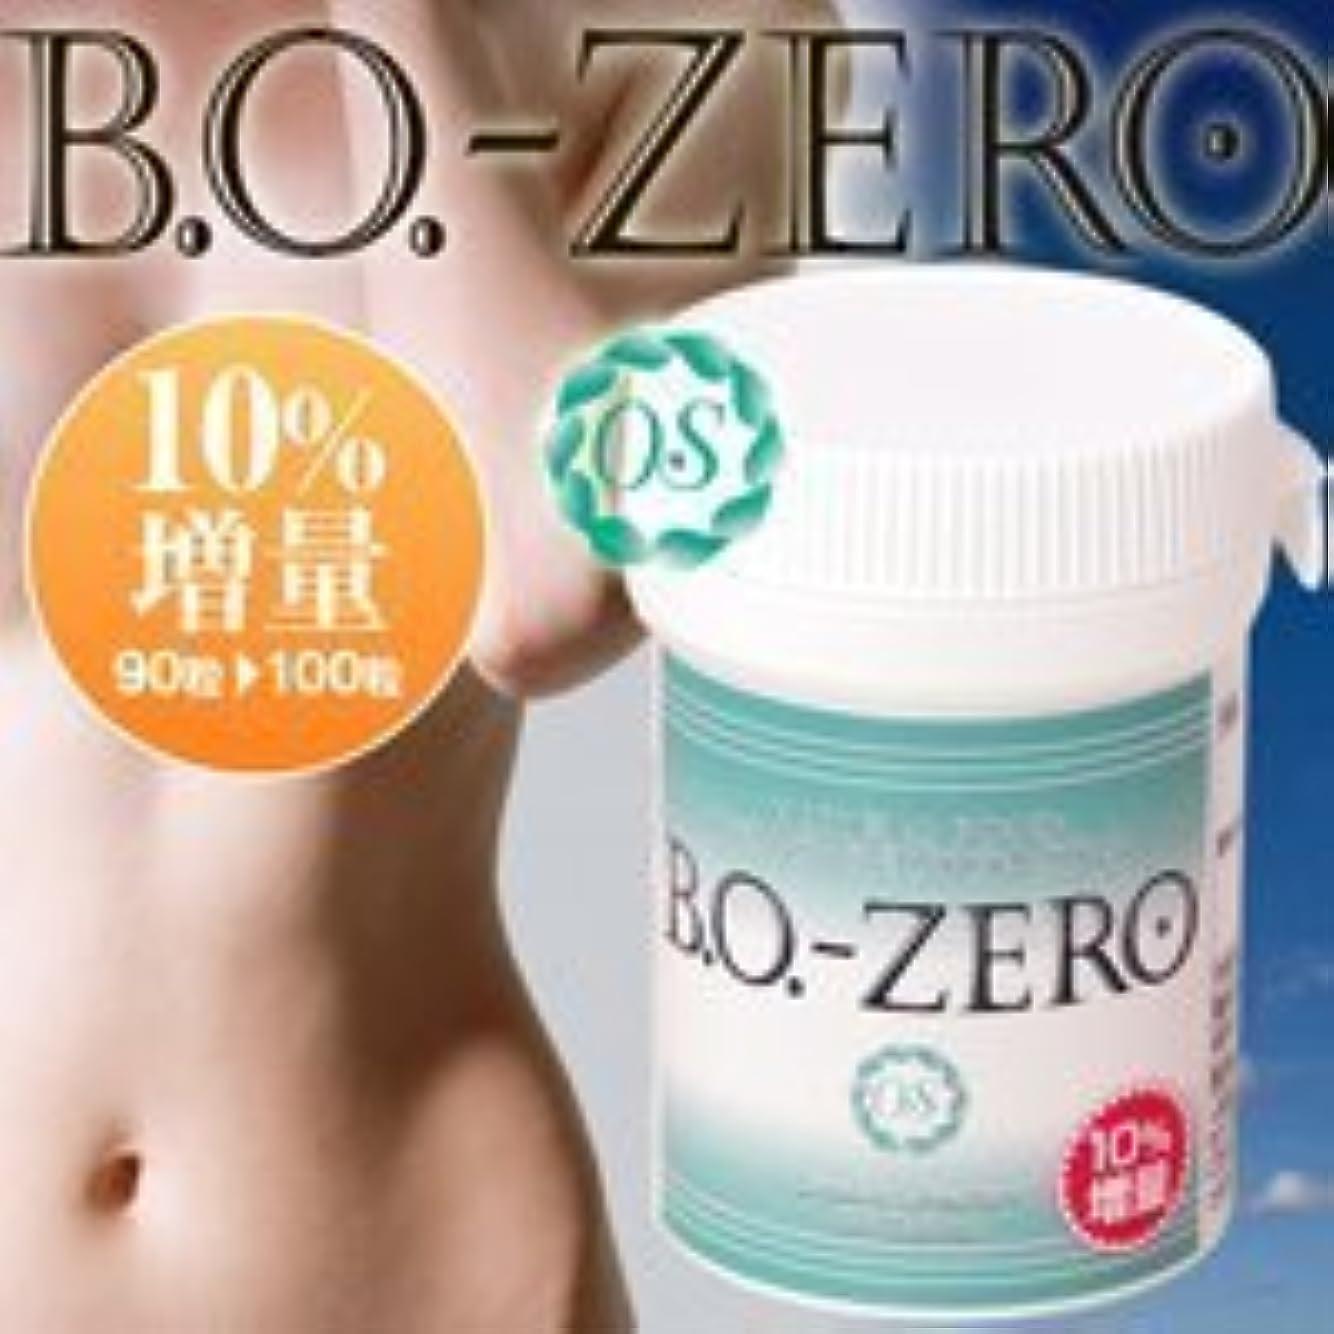 ケープジョージハンブリーごみBO ZERO (ビーオー ゼロ) 10%増量×2個セット?  体臭 口臭 汗臭 ワキガ などの対策に